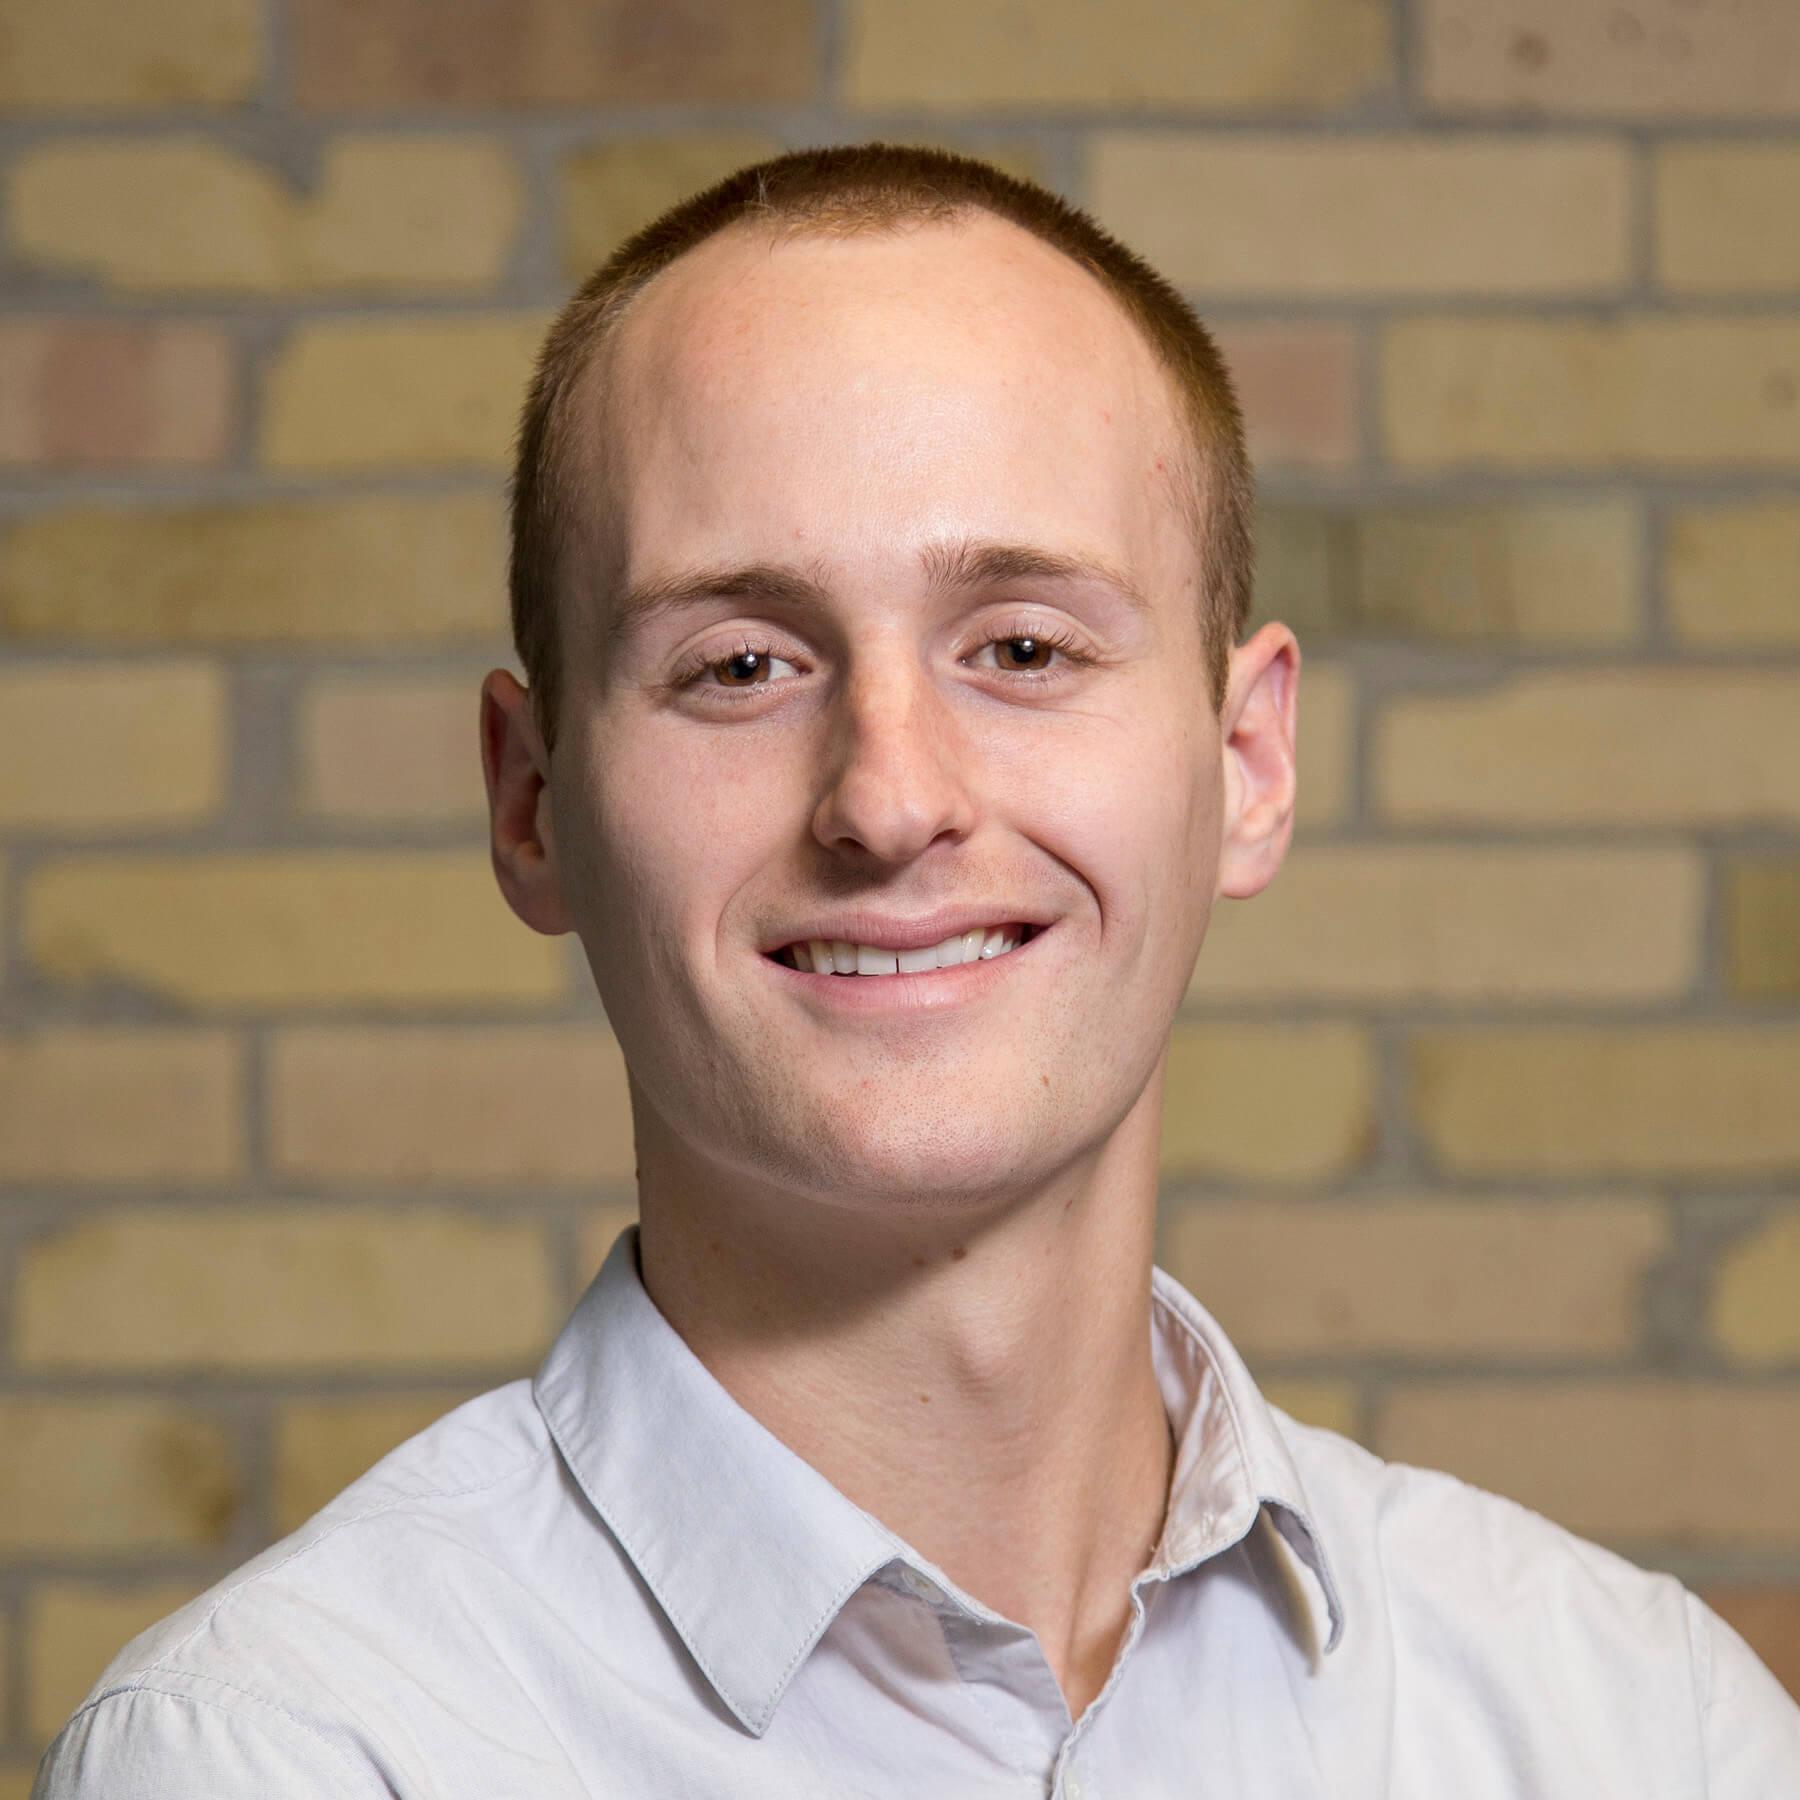 Parker Rushton